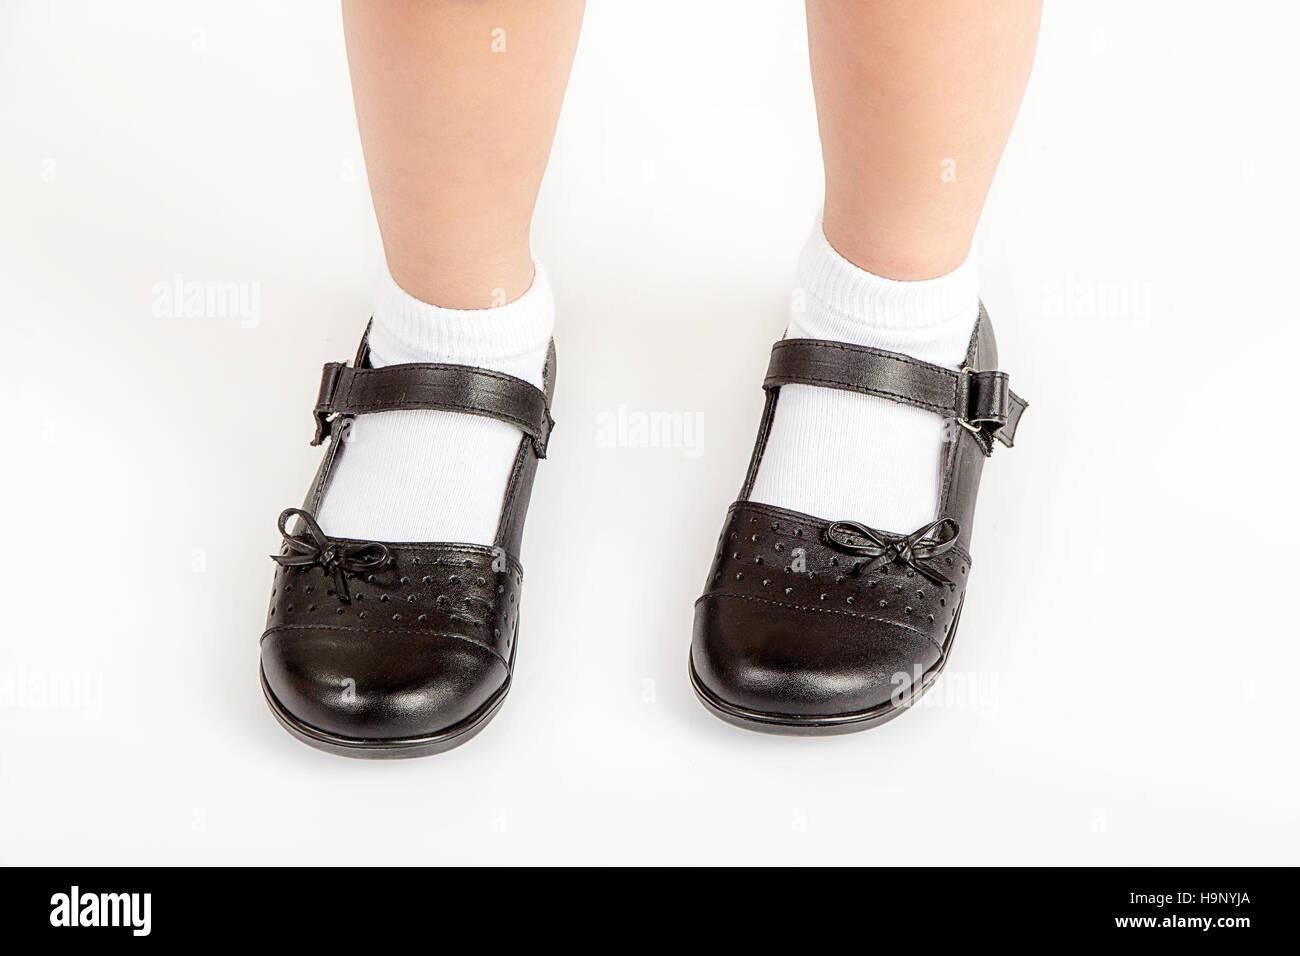 junge schule studentin tragen schwarze schuhe und wei e. Black Bedroom Furniture Sets. Home Design Ideas